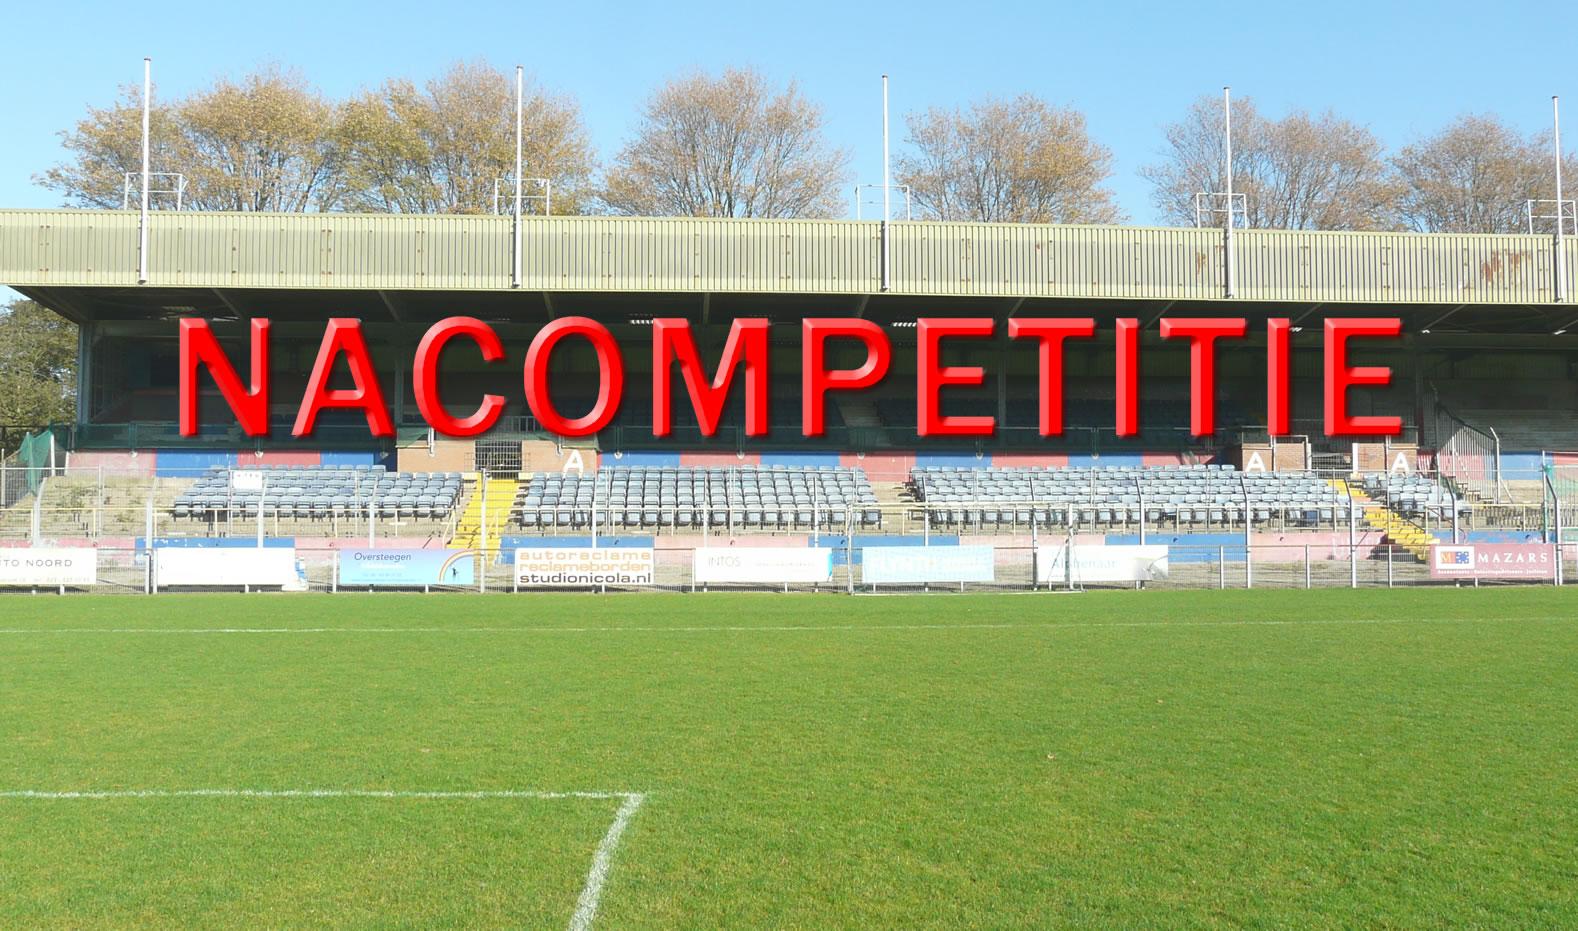 Nacompetitie - Voetbal in Haarlem